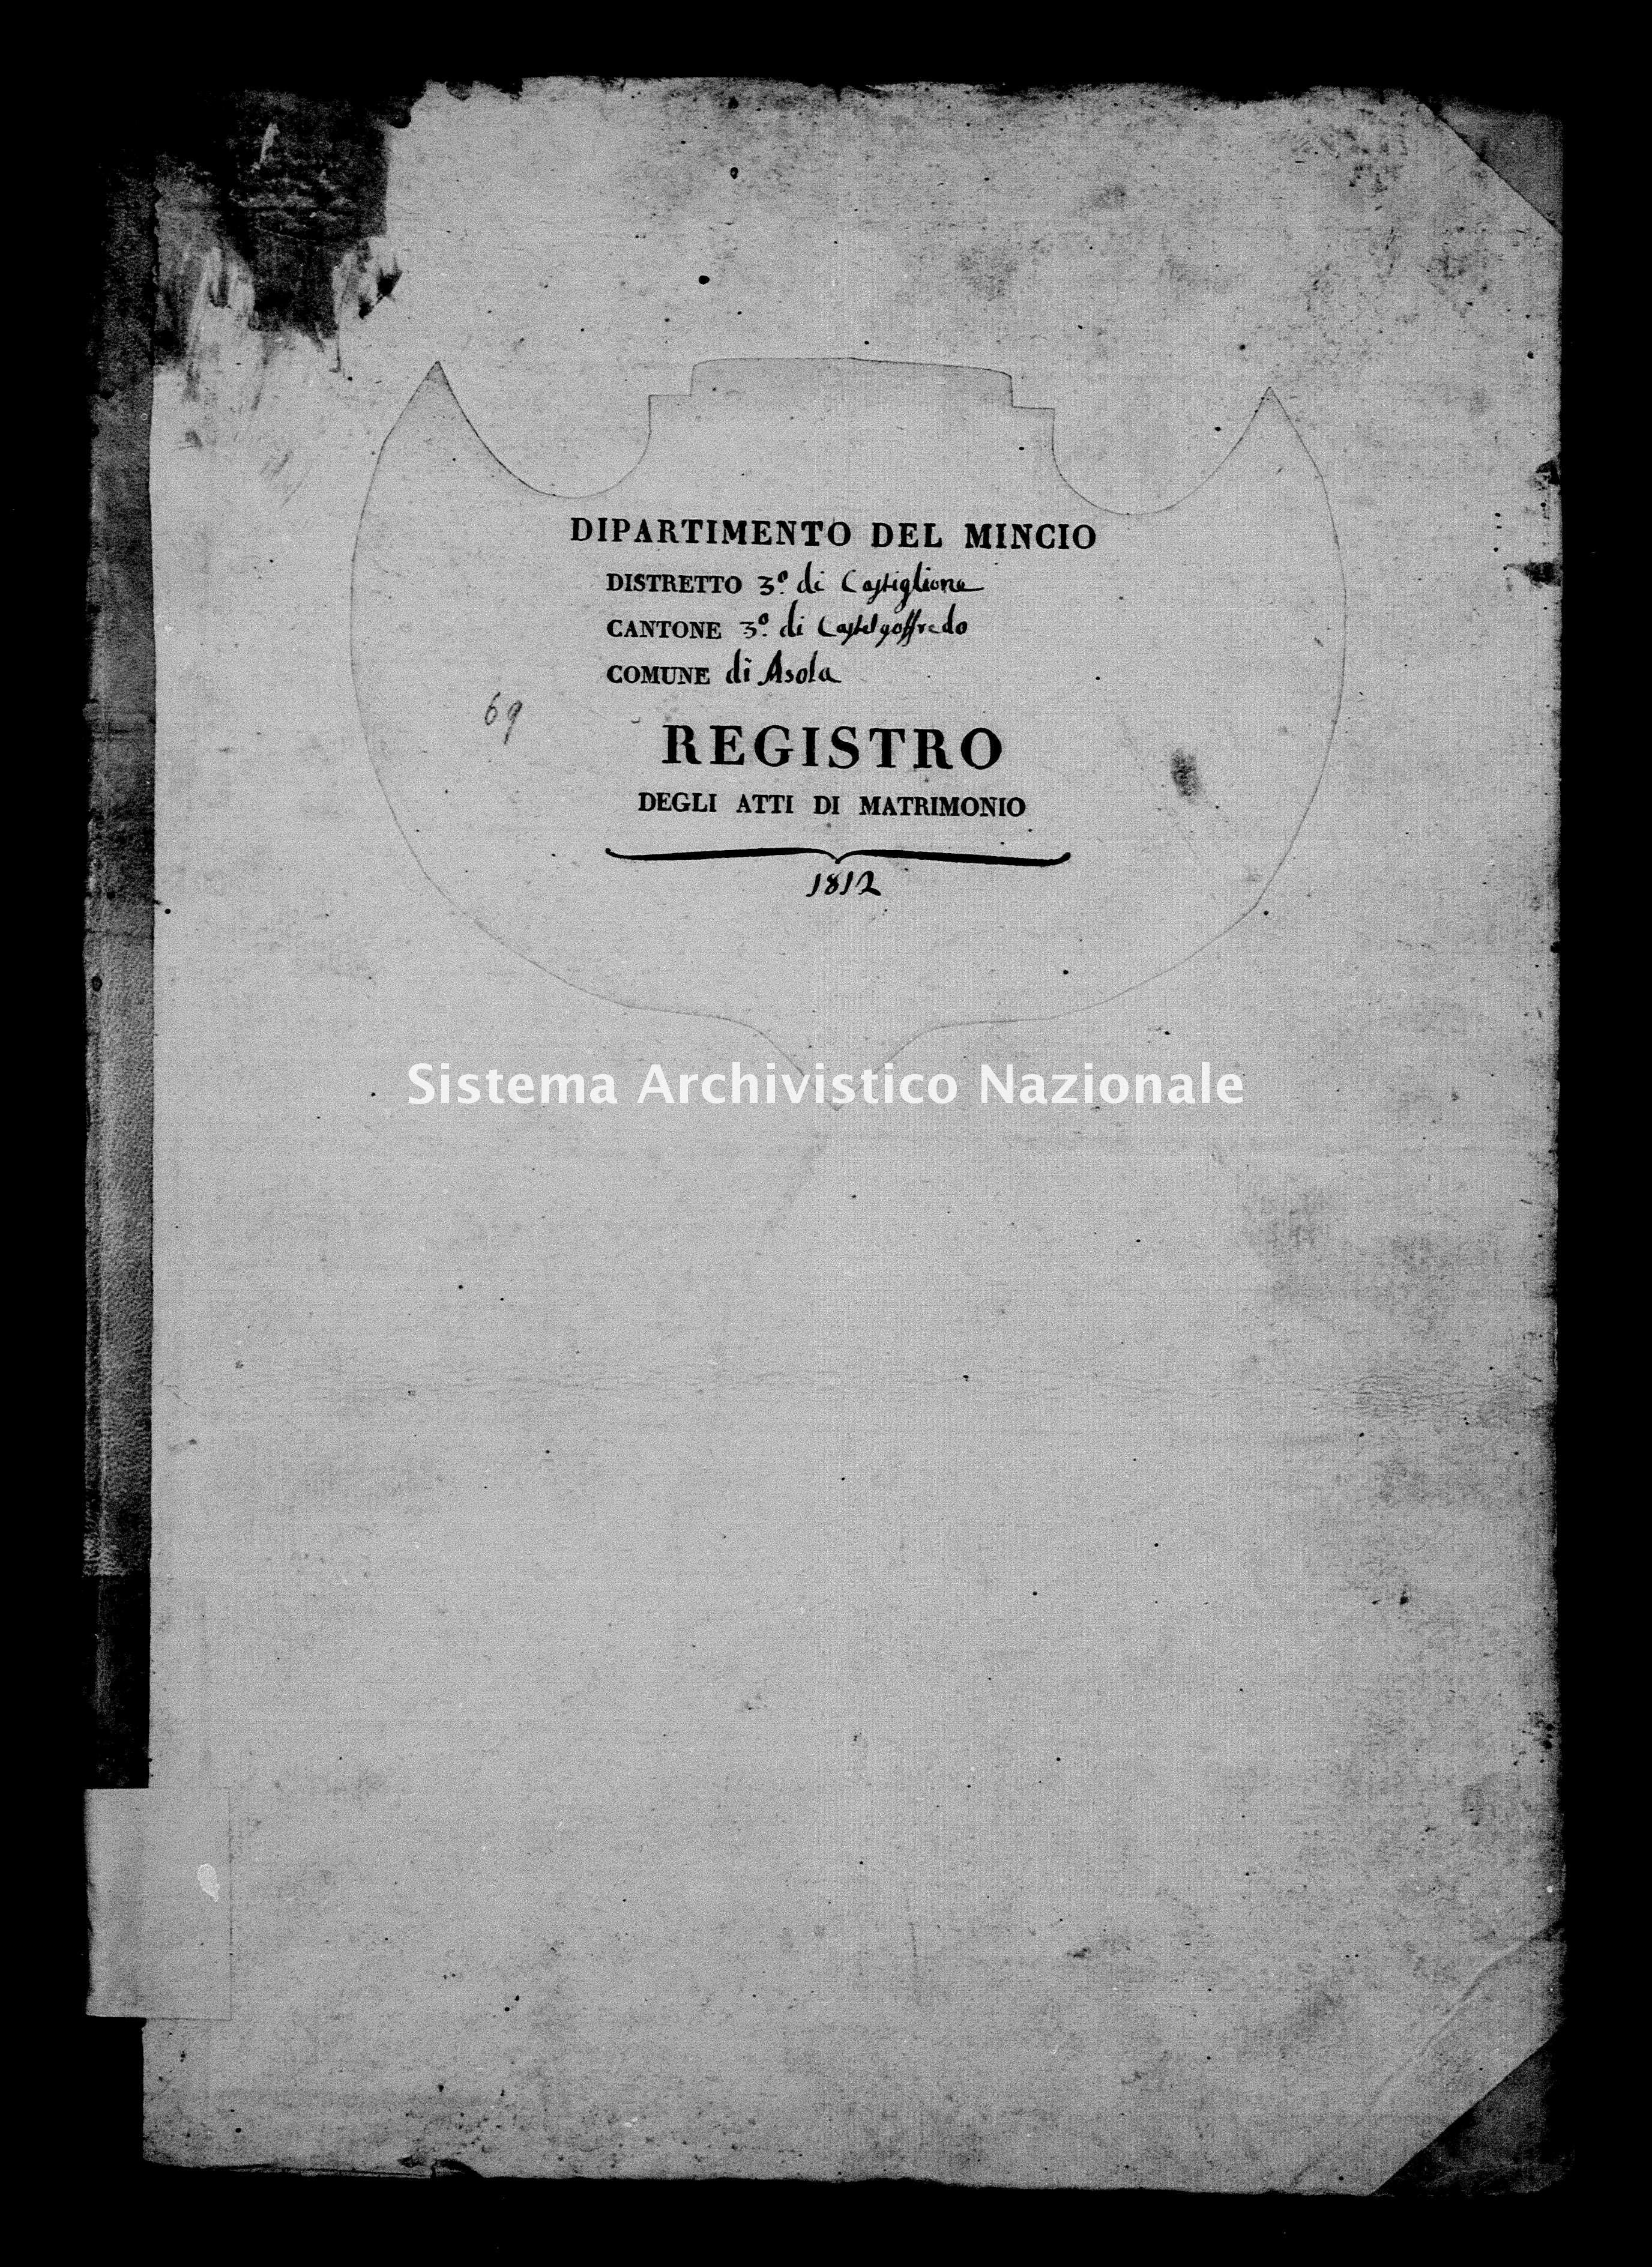 Archivio di stato di Mantova - Stato civile e anagrafe del Dipartimento del Mincio - Asola - Matrimoni - 1812 con indice - 69 -